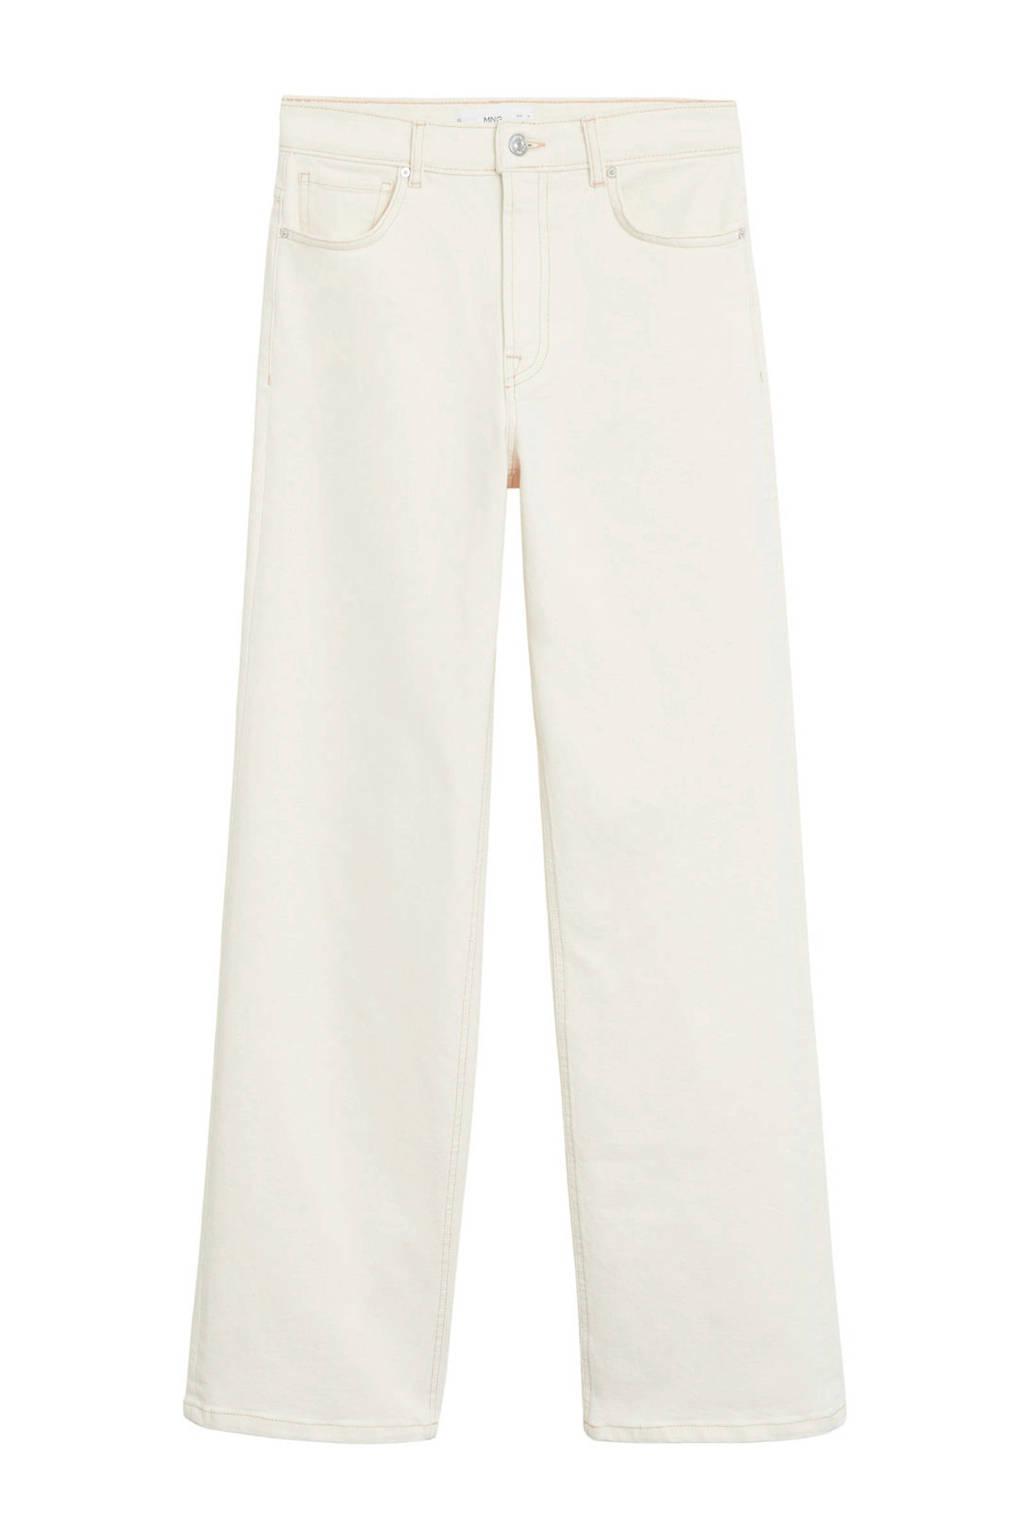 Mango high waist straight fit broek met biologisch katoen ecru, Ecru